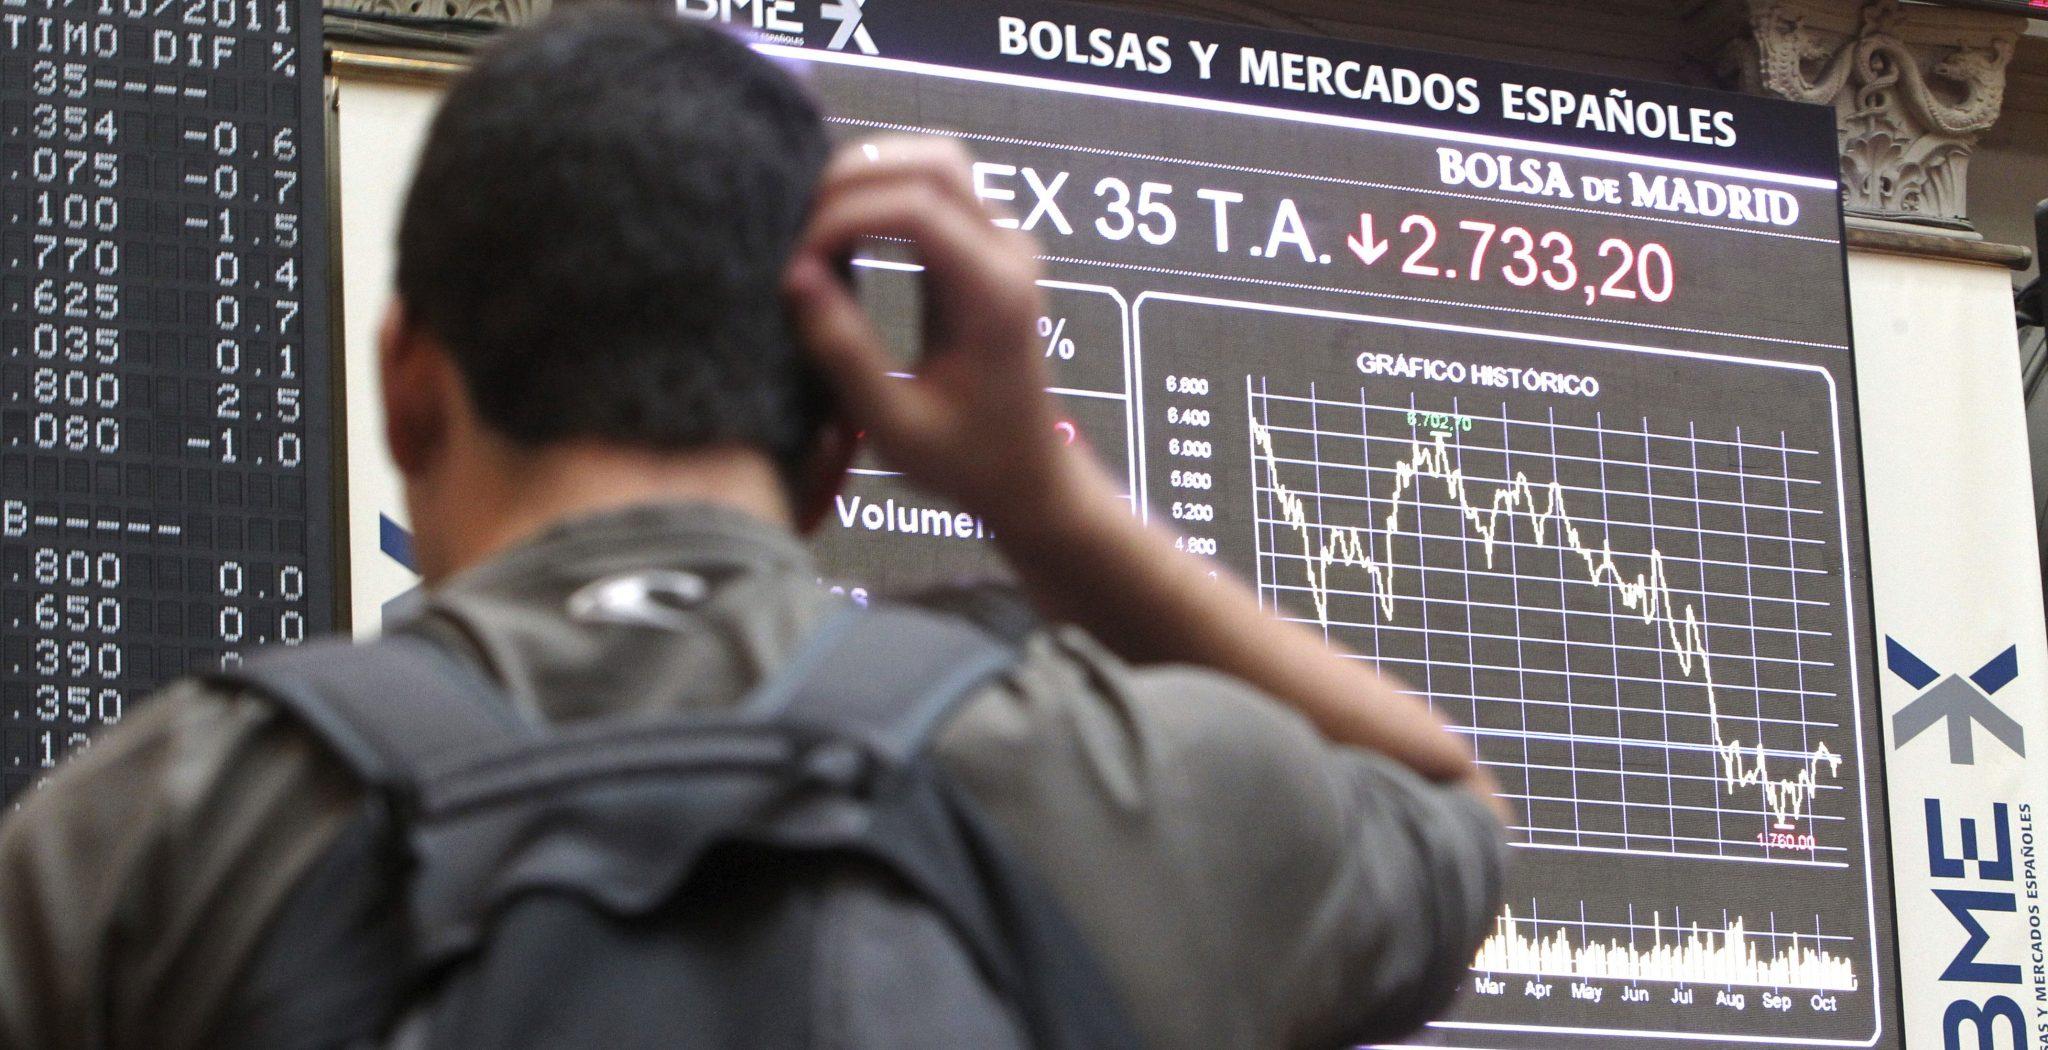 Un hombre observa los índices económicos en la Bolsa